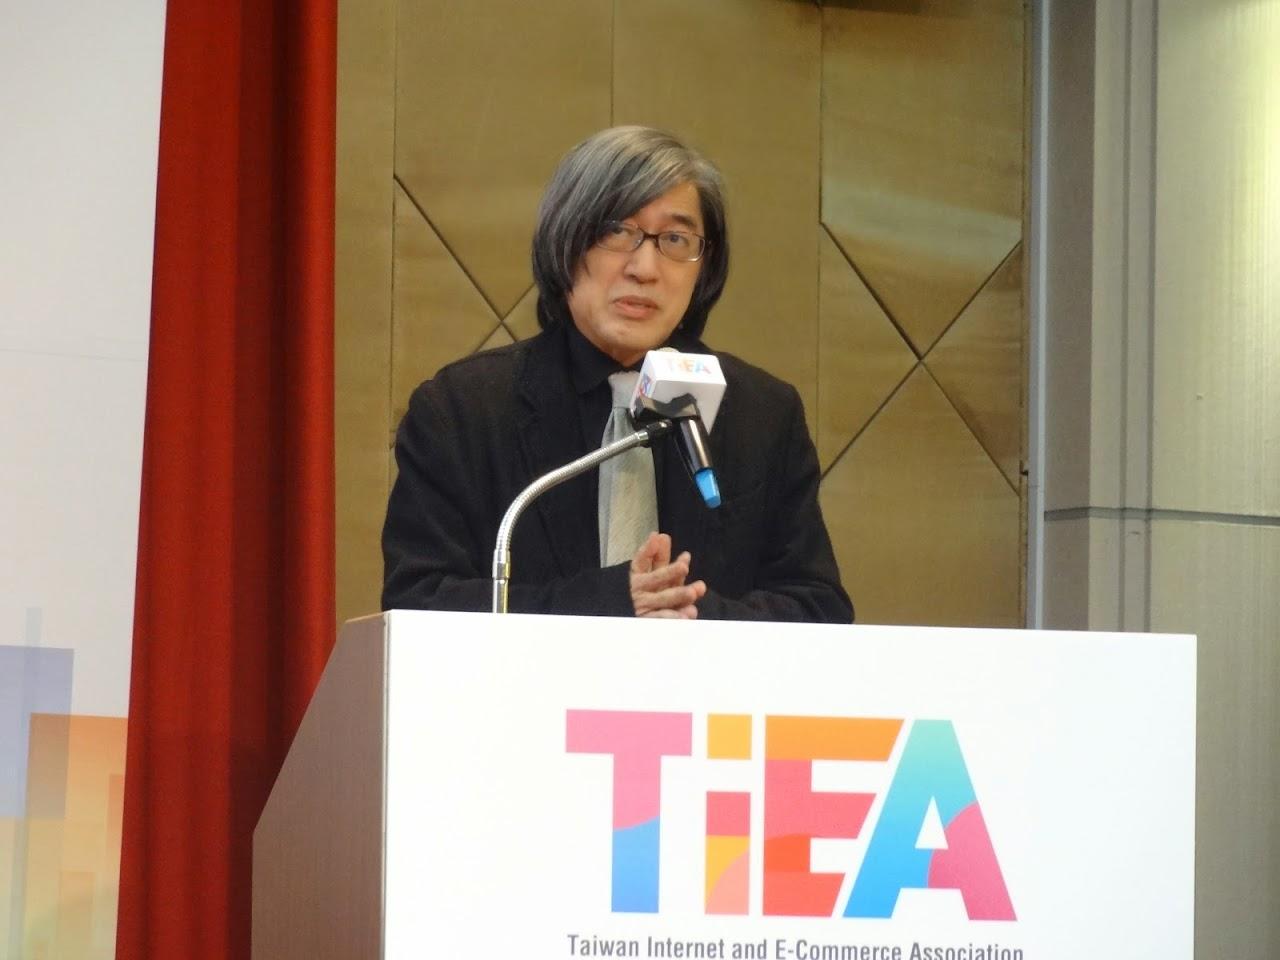 詹宏志:創業不是只能在台北,台灣城市應跟世界競爭